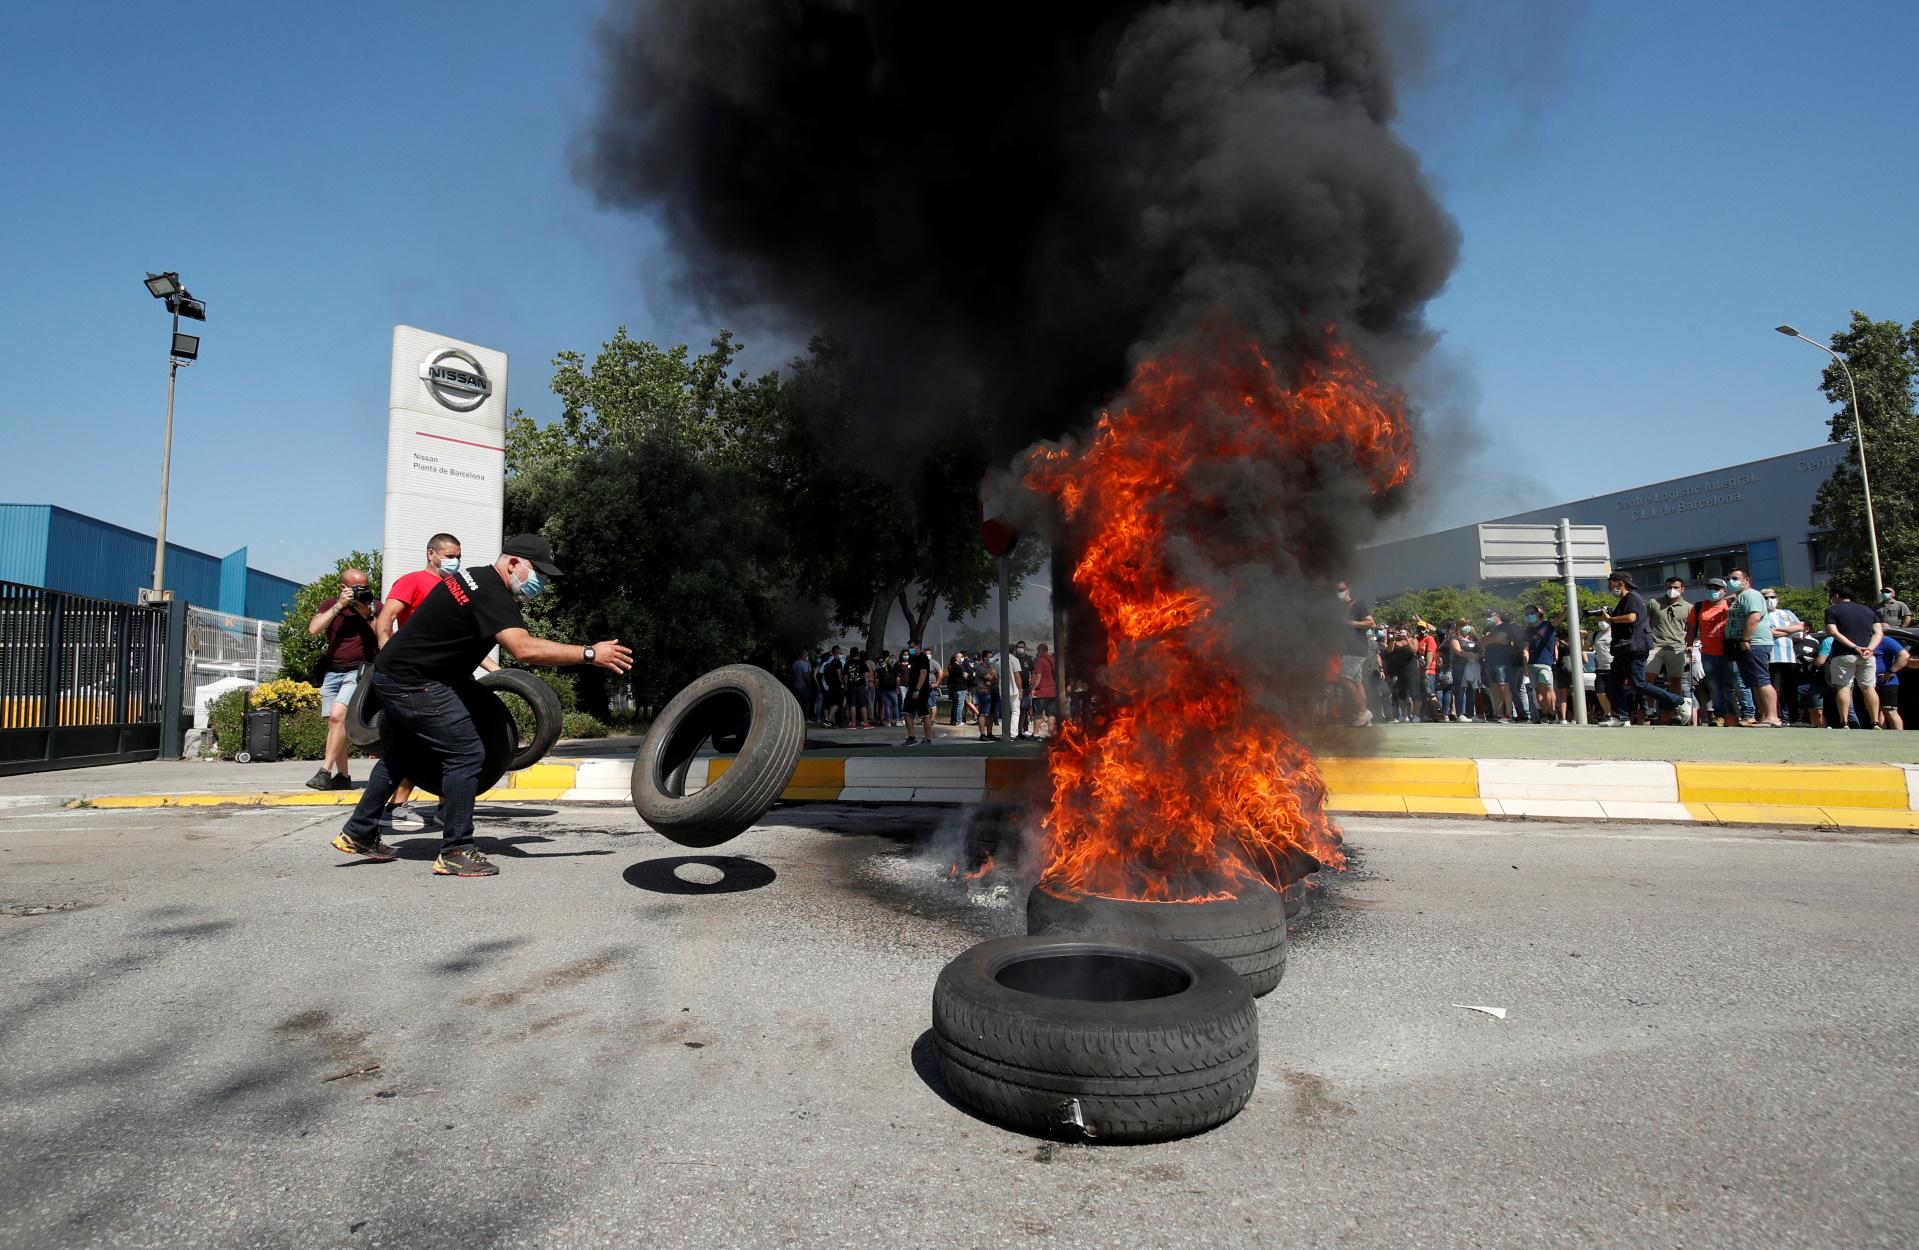 Βαρκελώνη: Καμμένα ελαστικά και πολεμικά συνθήματα για το λουκέτο στο εργοστάσιο της Nissan (pics)